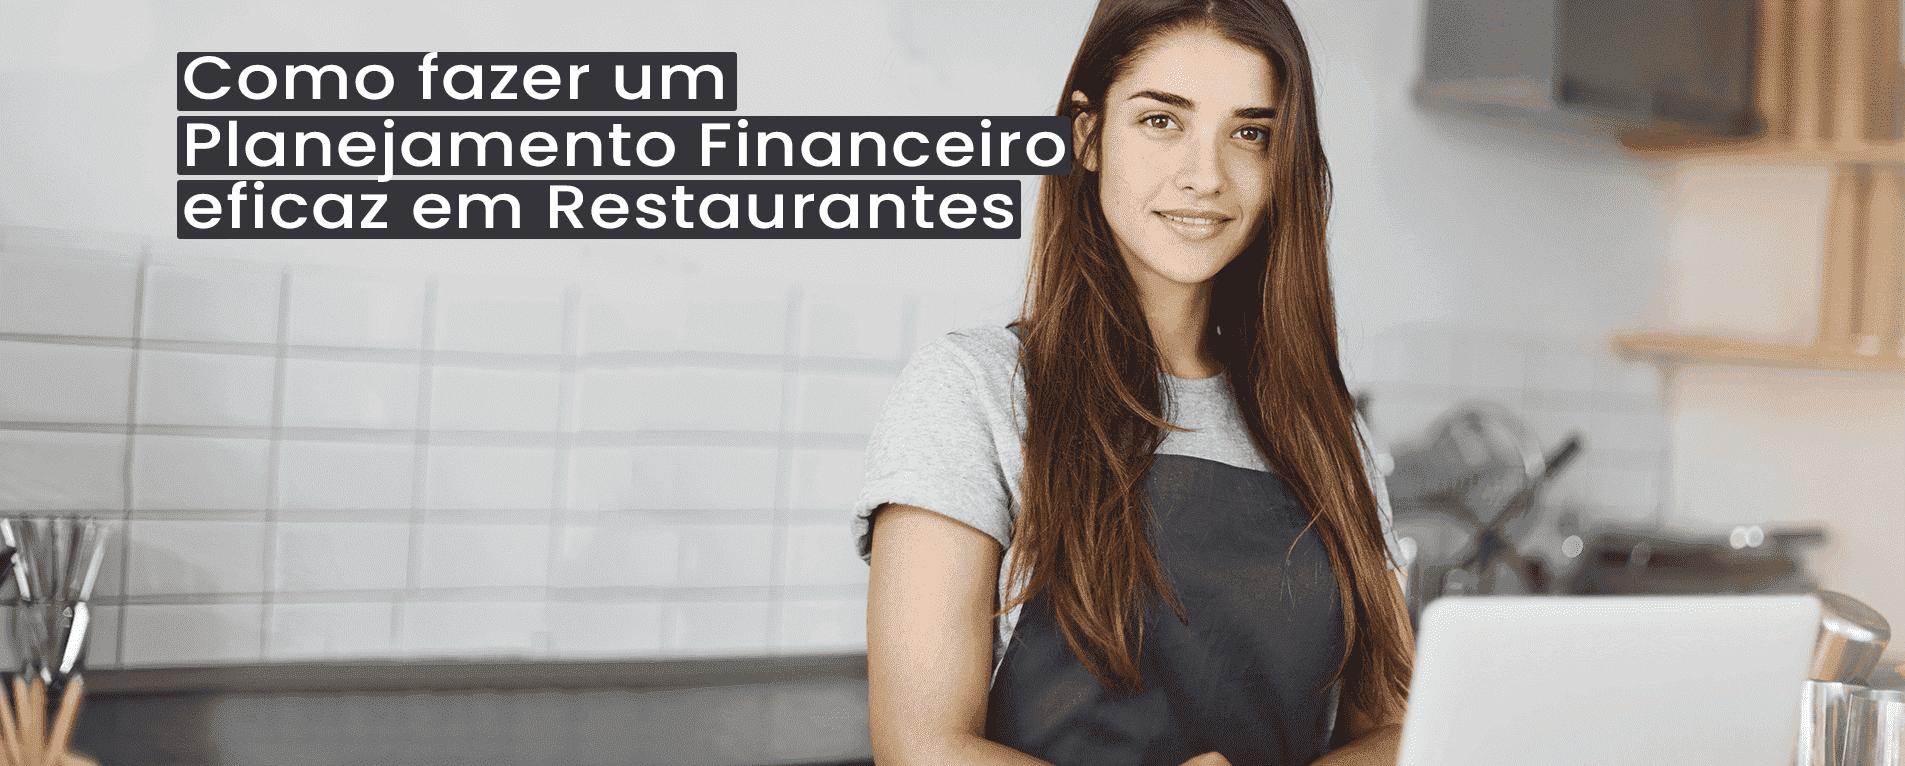 Como Fazer um Planejamento Financeiro Eficaz em Restaurantes?